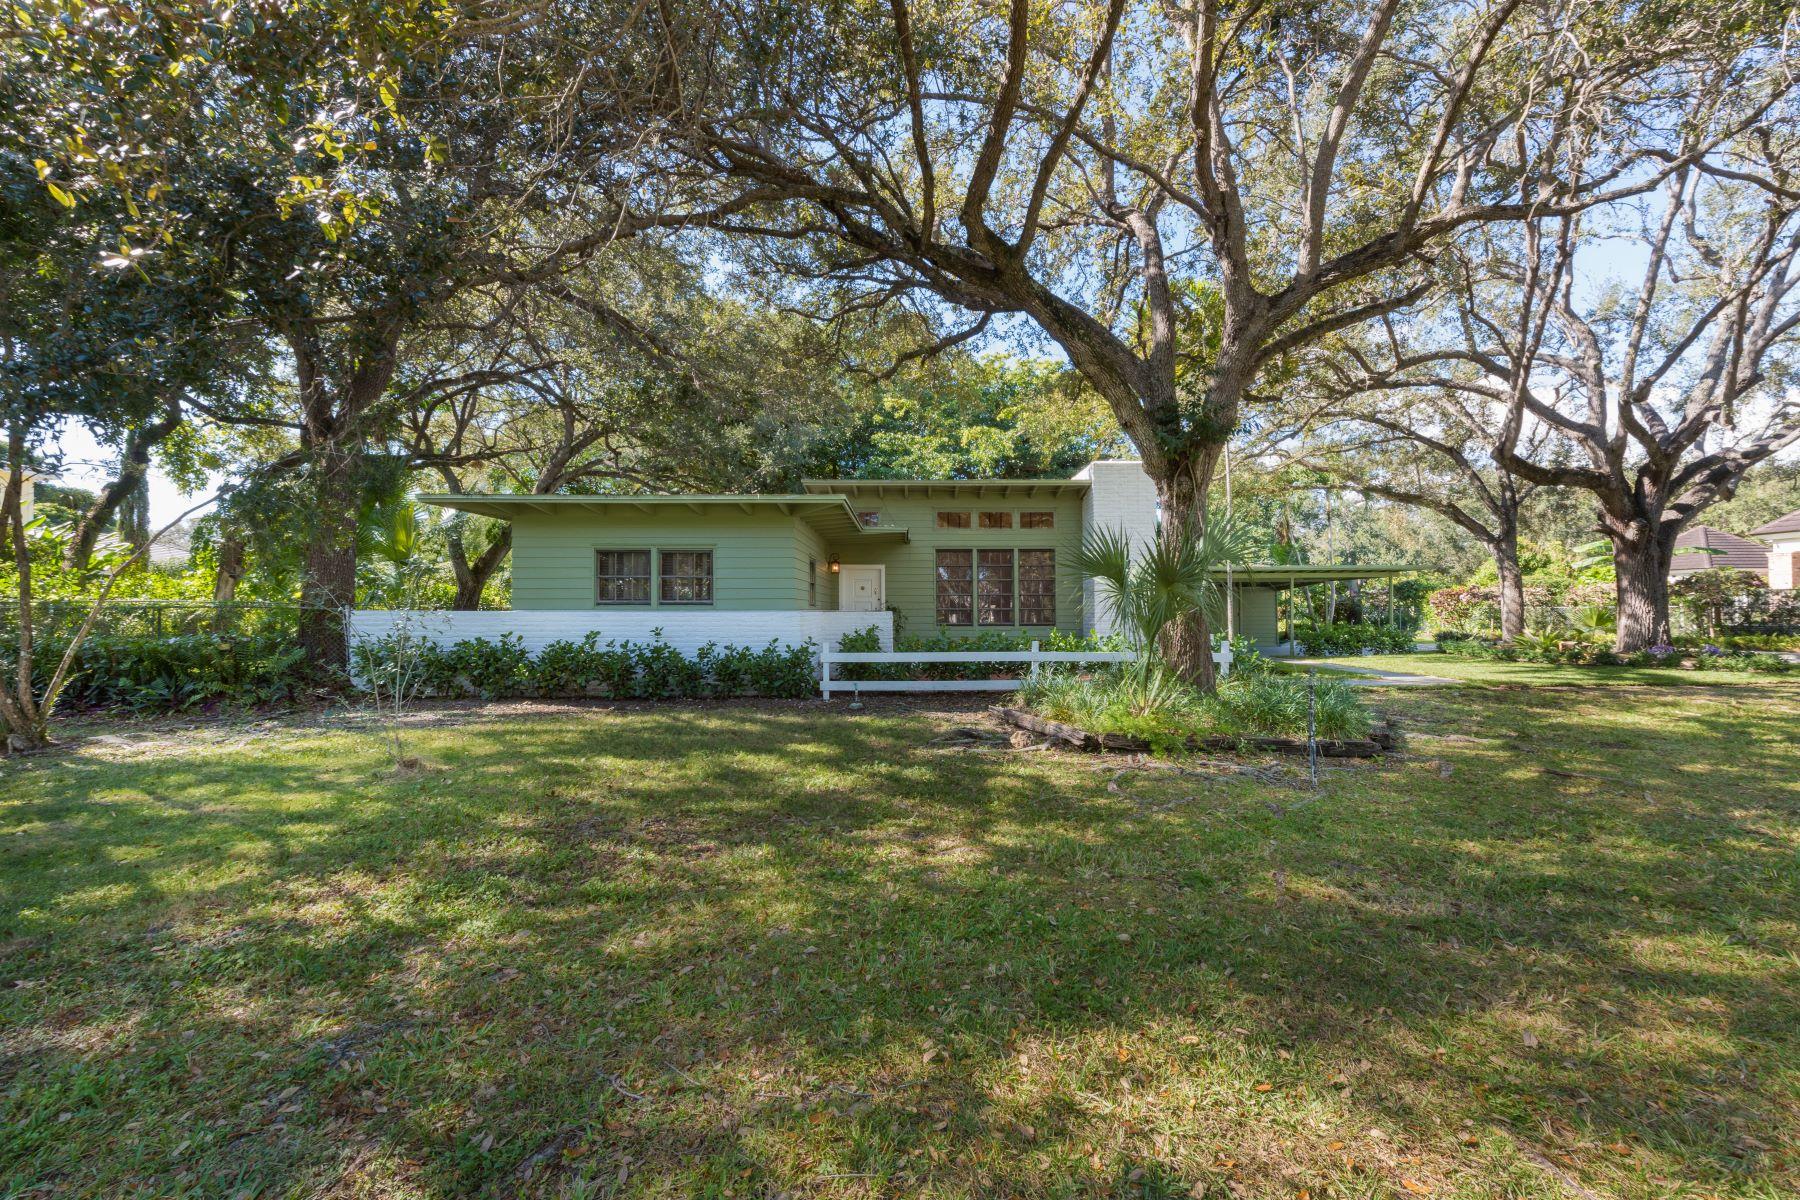 独户住宅 为 销售 在 9500 Sw 61st Ct 派恩克雷斯特, 佛罗里达州, 33156 美国